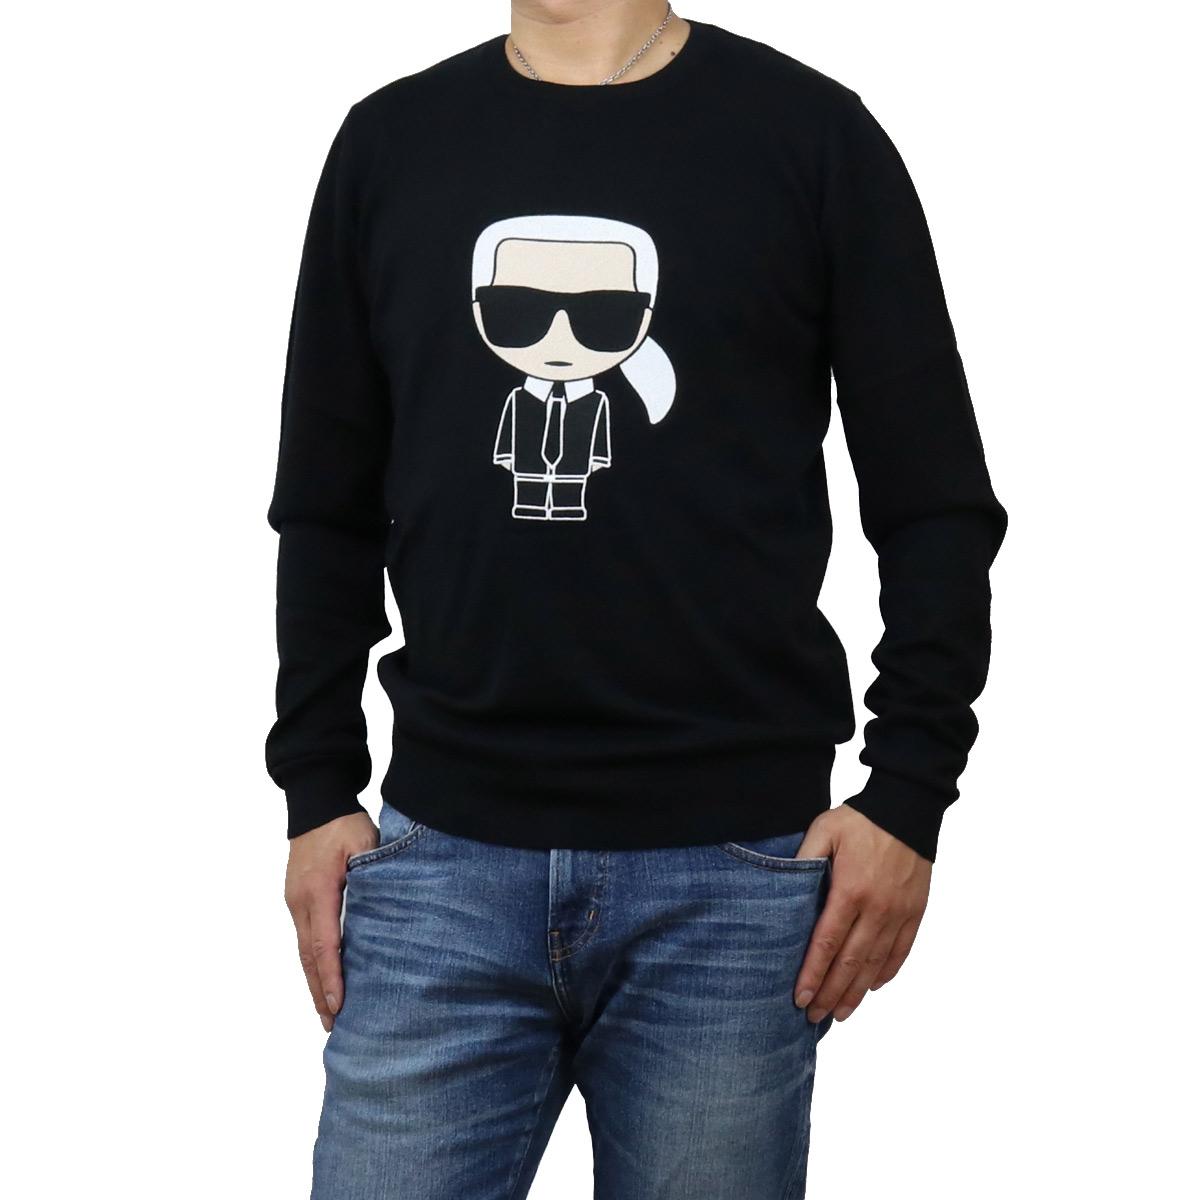 カール・ラガーフェルド Karl Lagerfeld メンズ-セーター,ニット IKONIK 655030 502305 990 BLACK ブラック メンズ bos-12 apparel-01